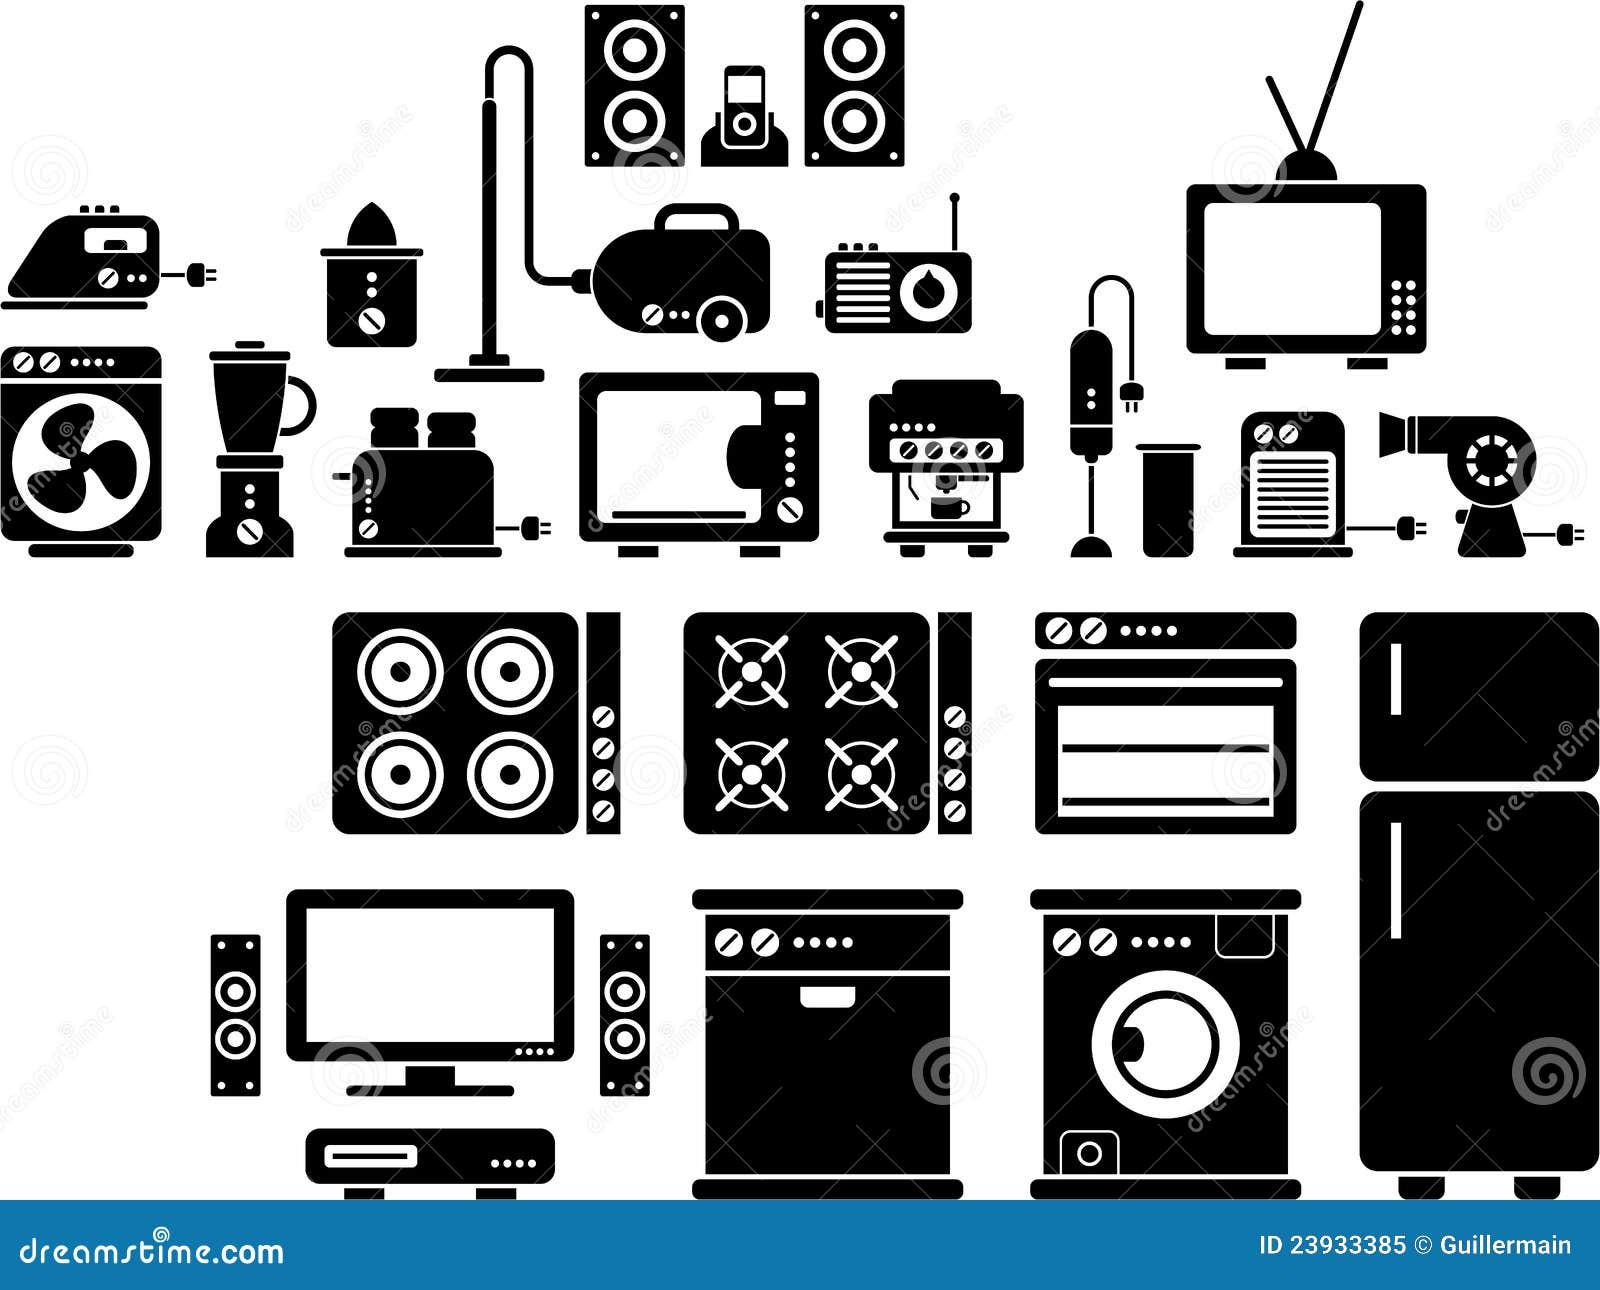 Home Appliances Icons Illustration 23933385 Megapixl